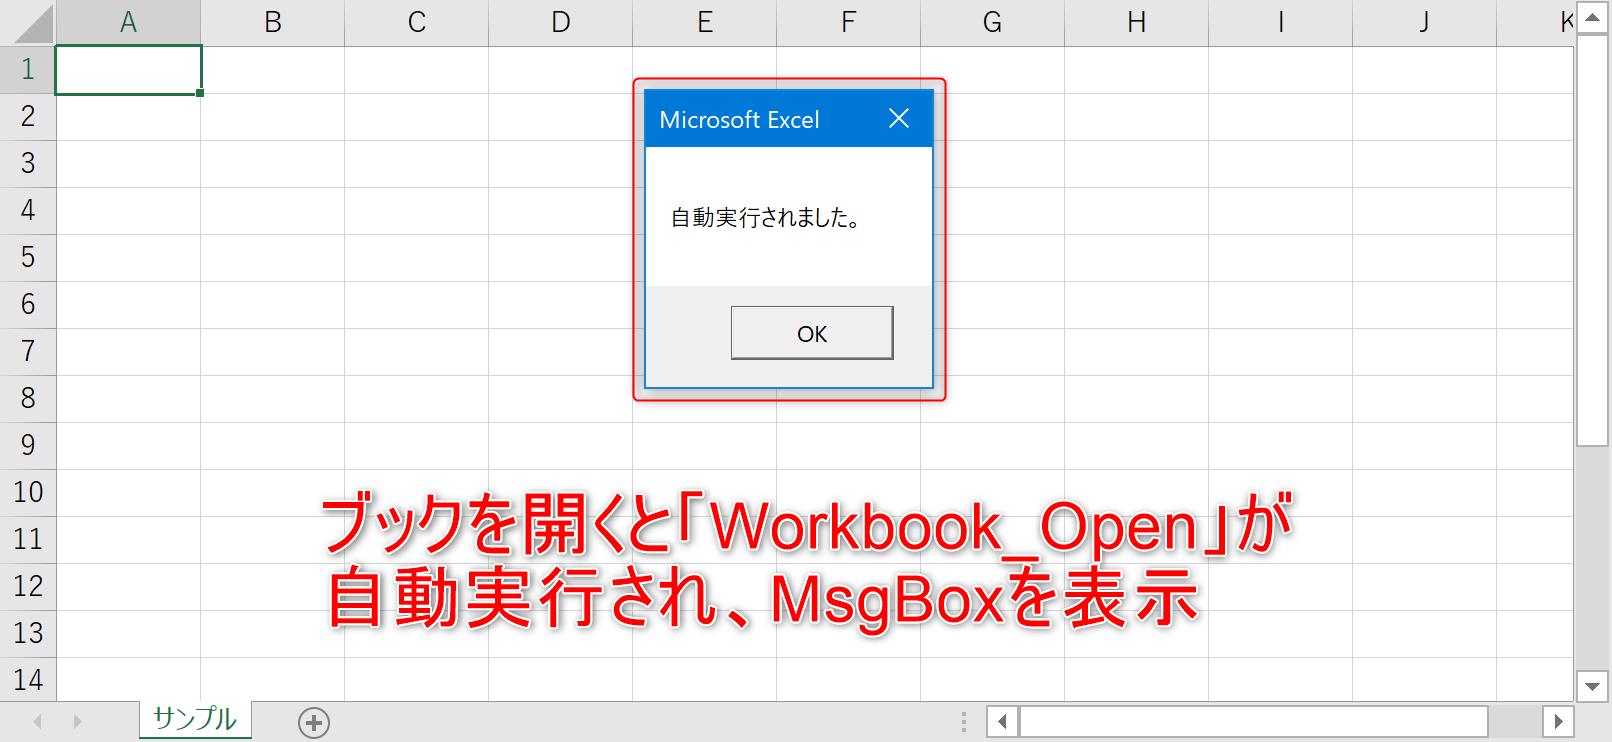 01_VBAWorkbook_Open実行イメージ